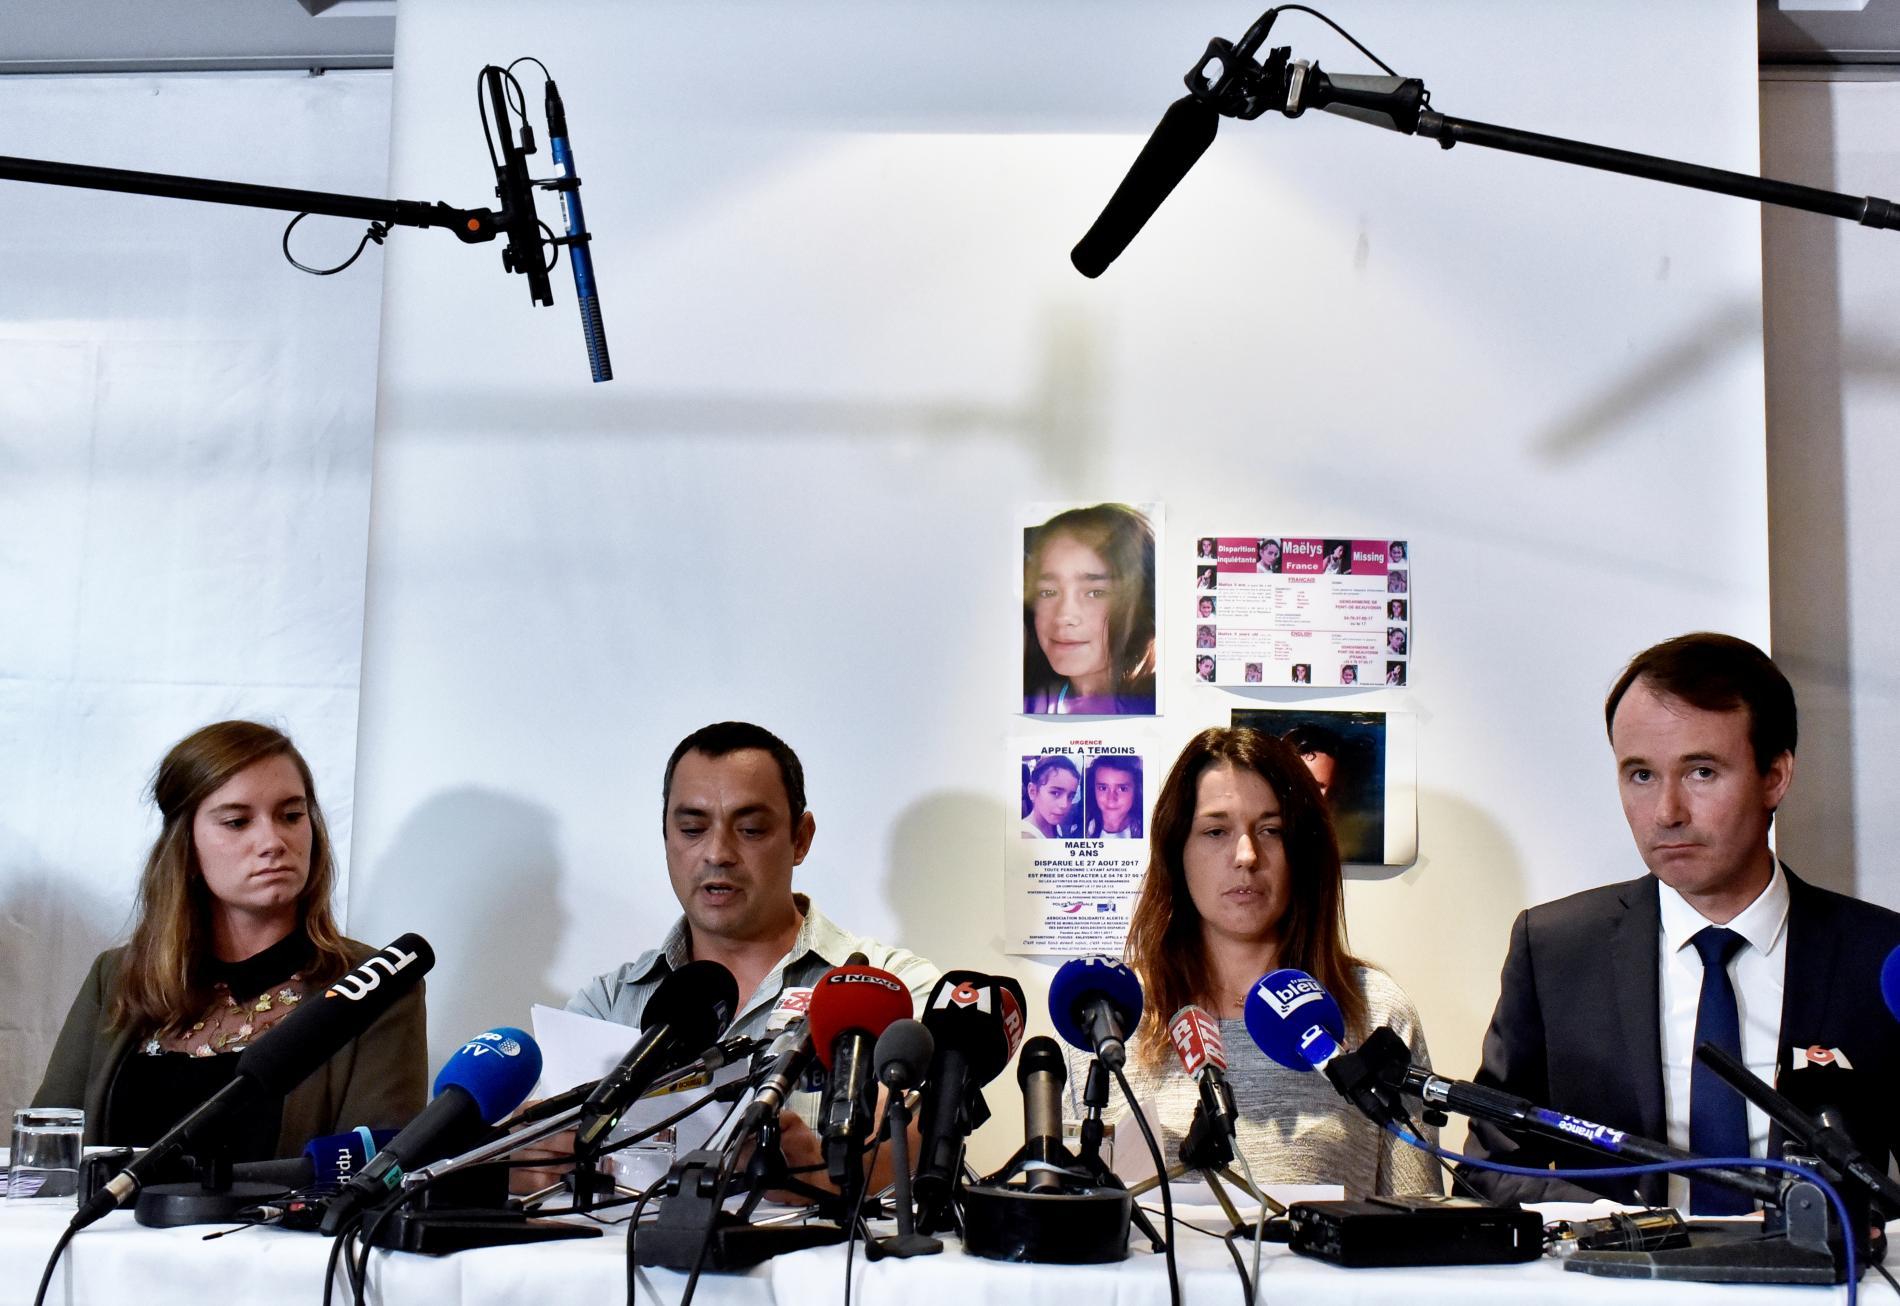 Les parents de Maëlys (au centre), entourés de leurs avocats, Camille Chatelain (à gauche) et Fabien Rajon, le 28 septembre 2017 lors de leur conférence de presse à Villeurbanne (Rhône).